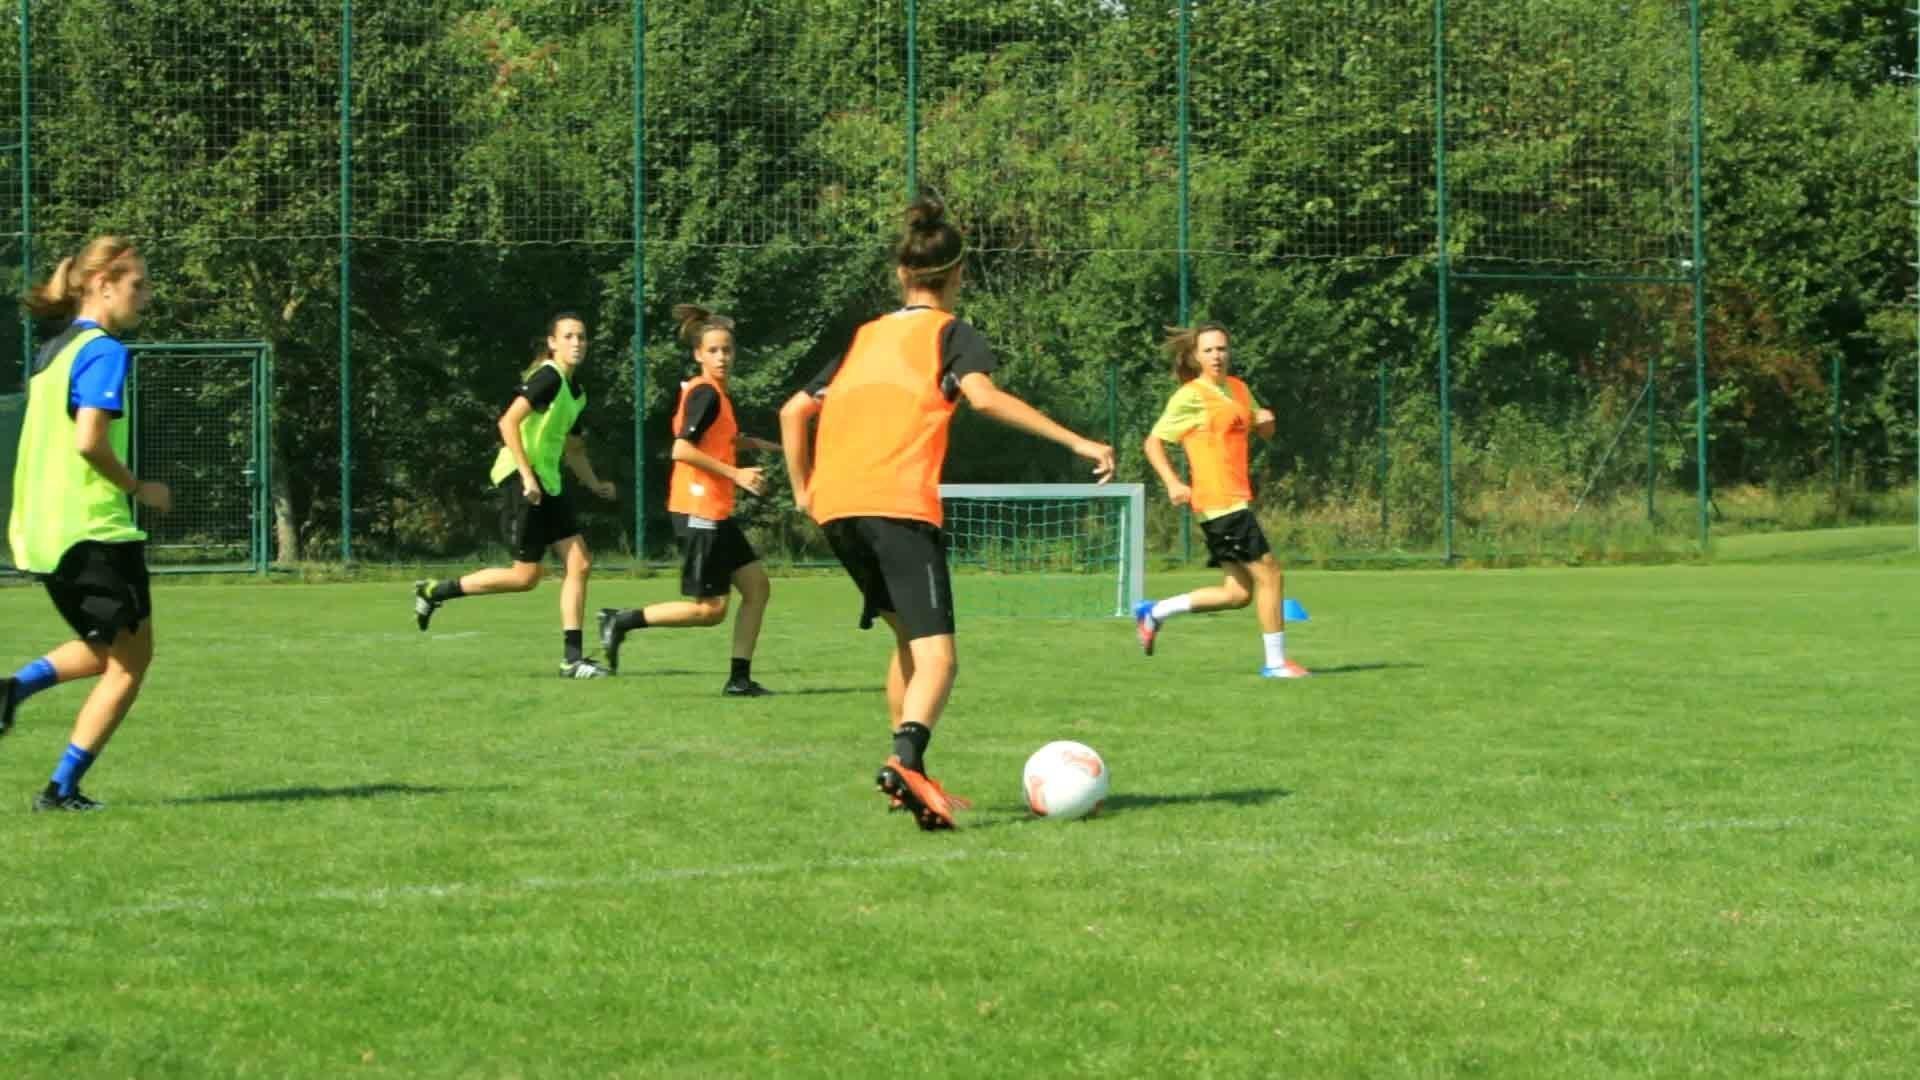 Spielaufbau, Orientierung & Koordination